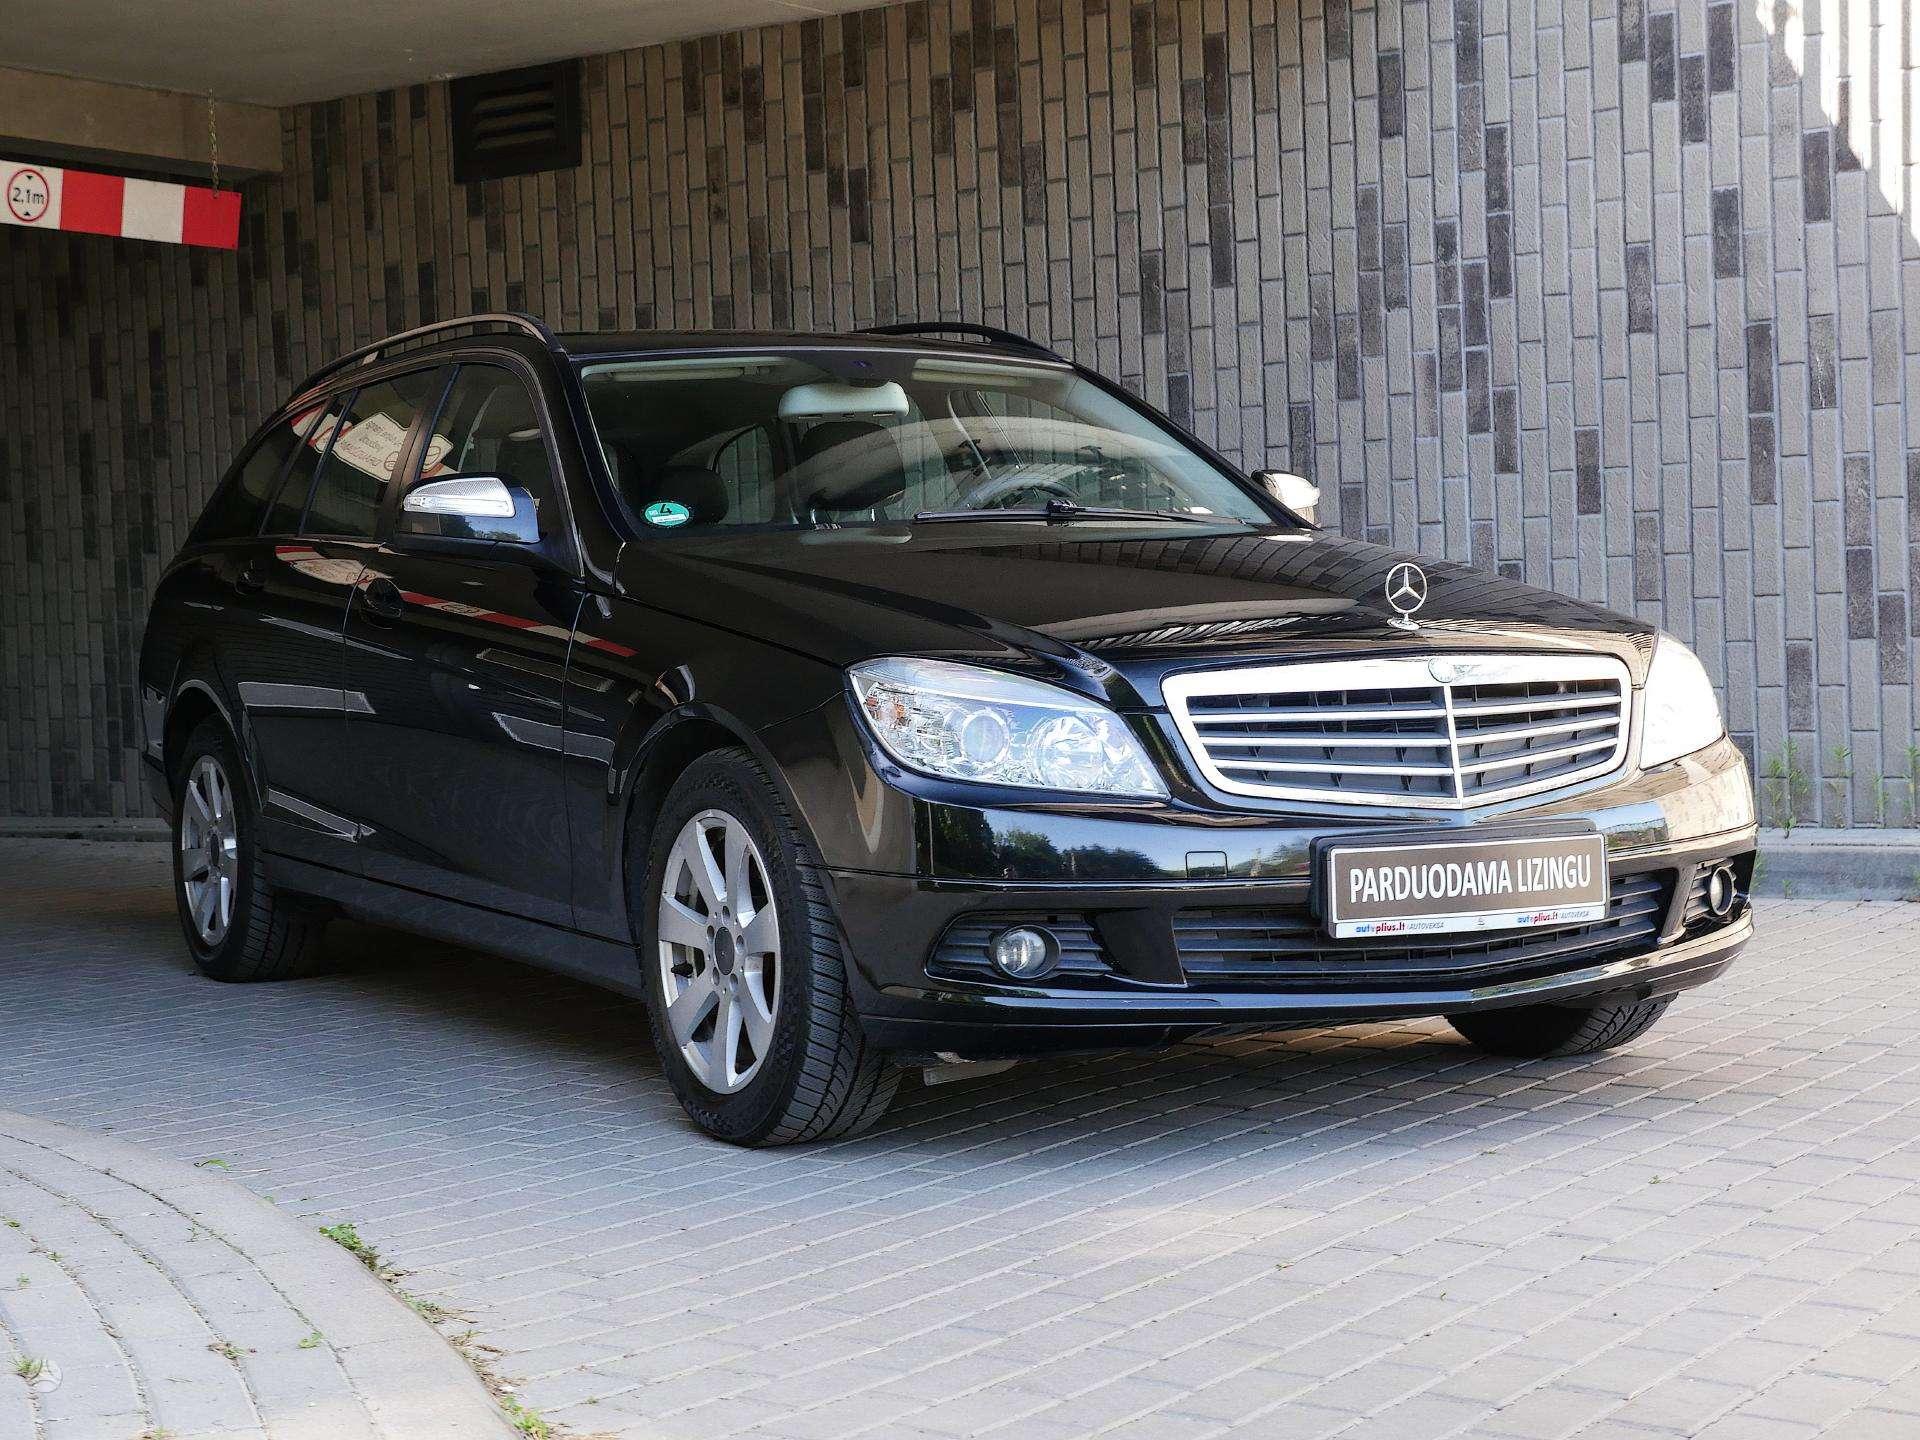 Mercedes-Benz C200 išsimokėtinai nuo 106 Eur/mėn su 3 mėnesių garantija